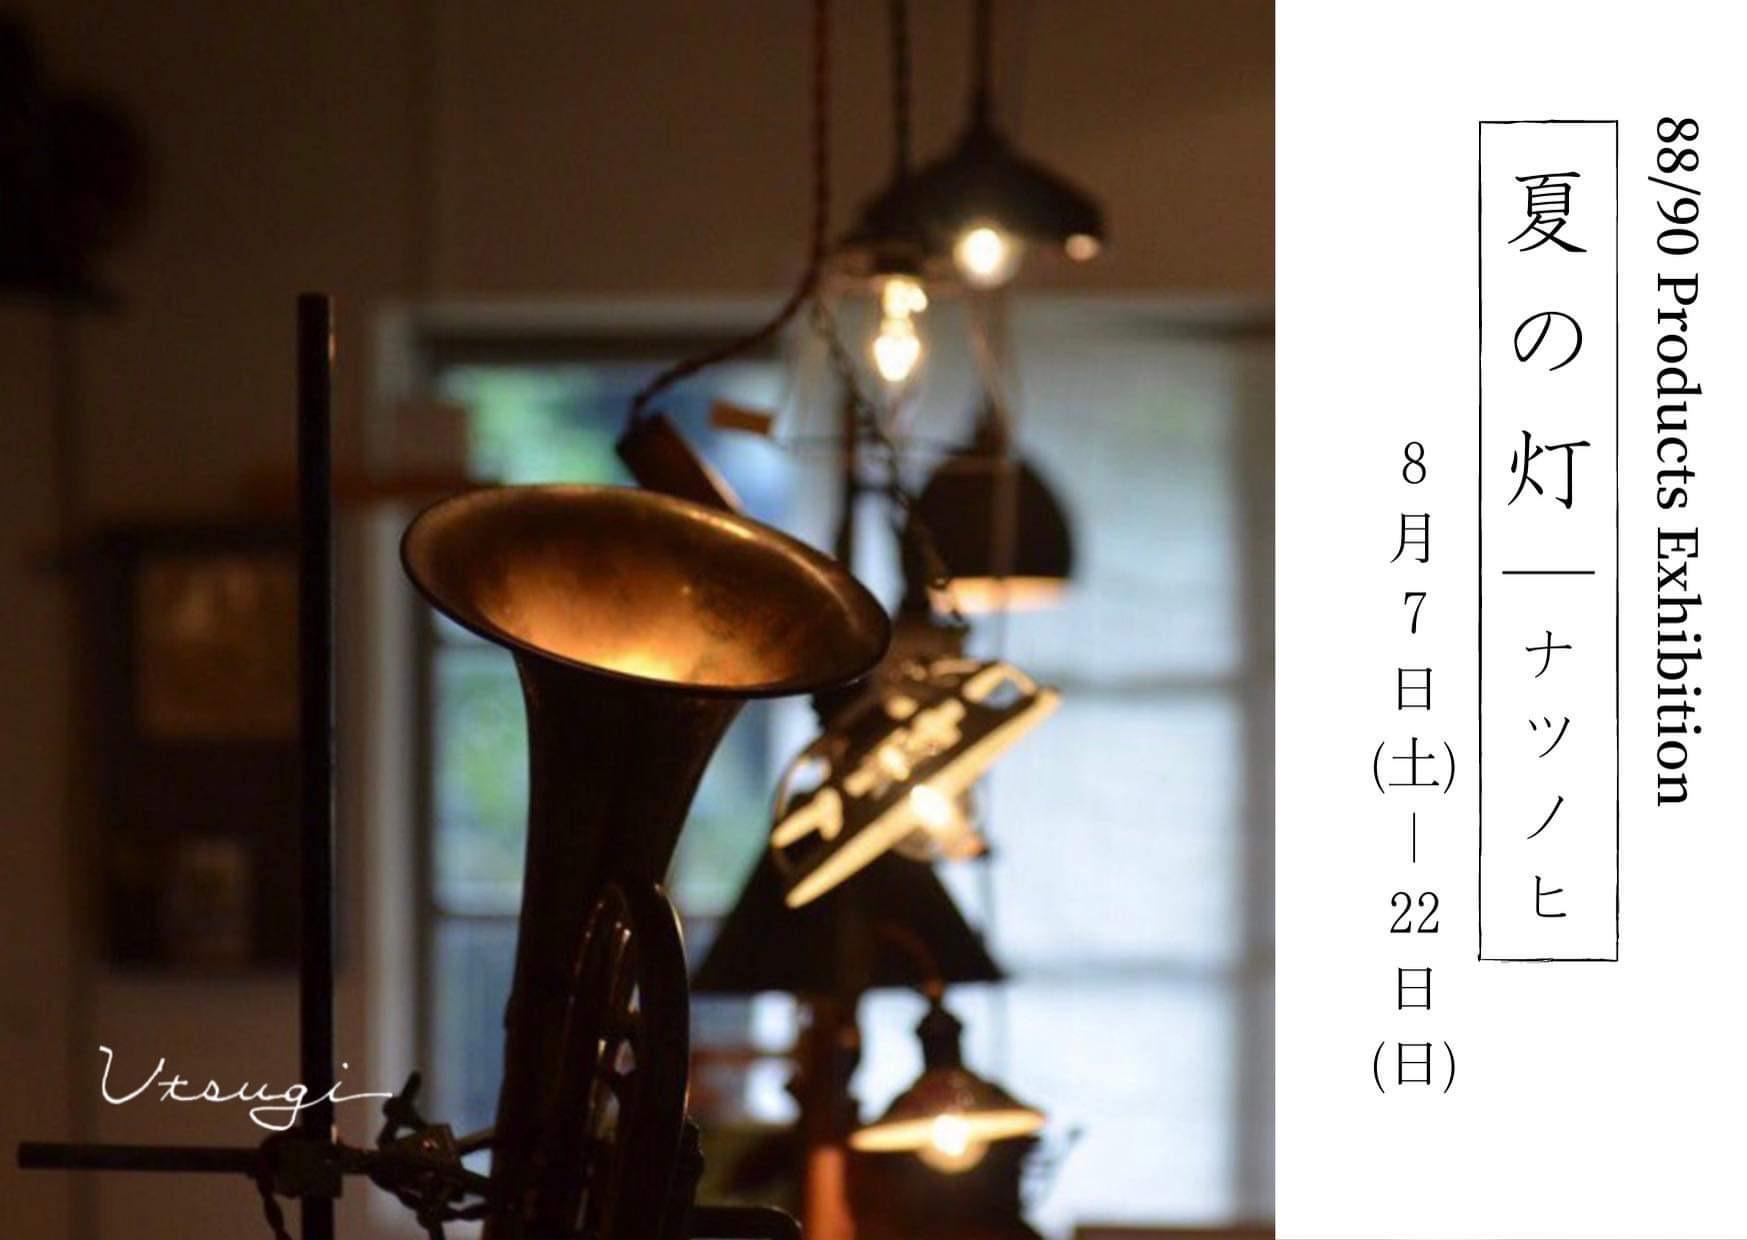 夏の灯/ナツノヒ